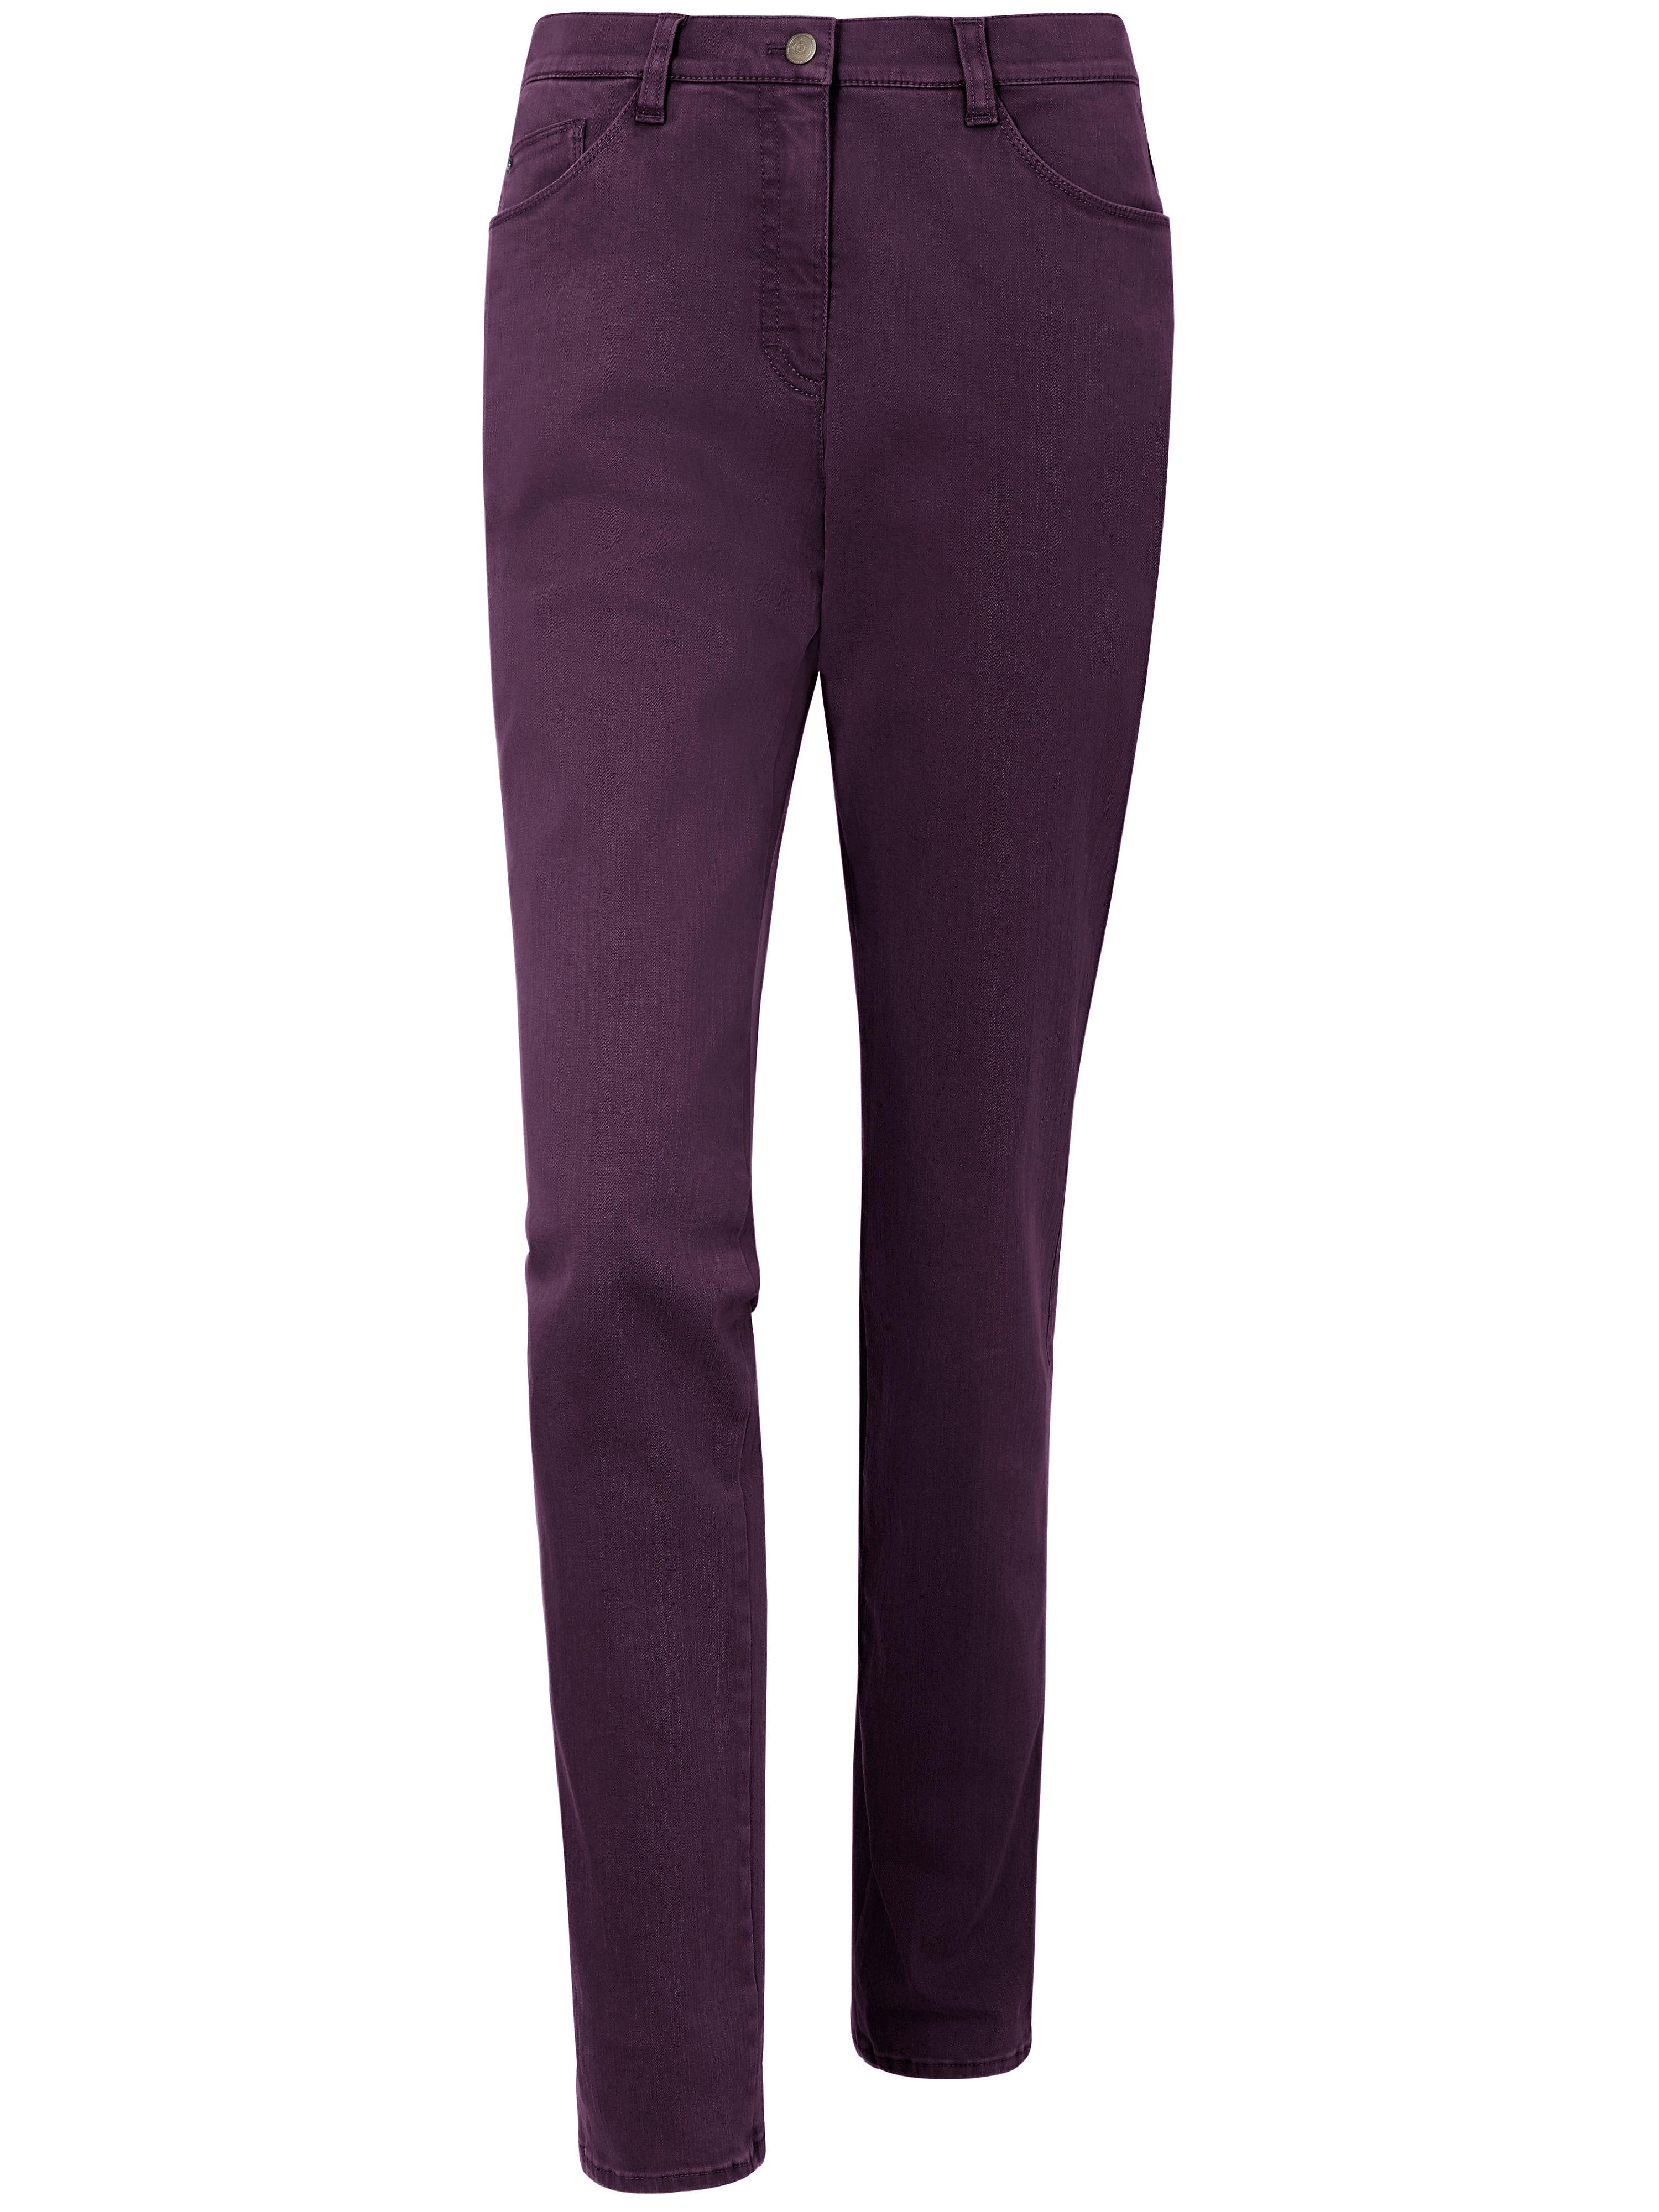 Image of   'Slim Fit'-jeans fra Brax Feel Good, model MARY Fra Brax Feel Good lilla